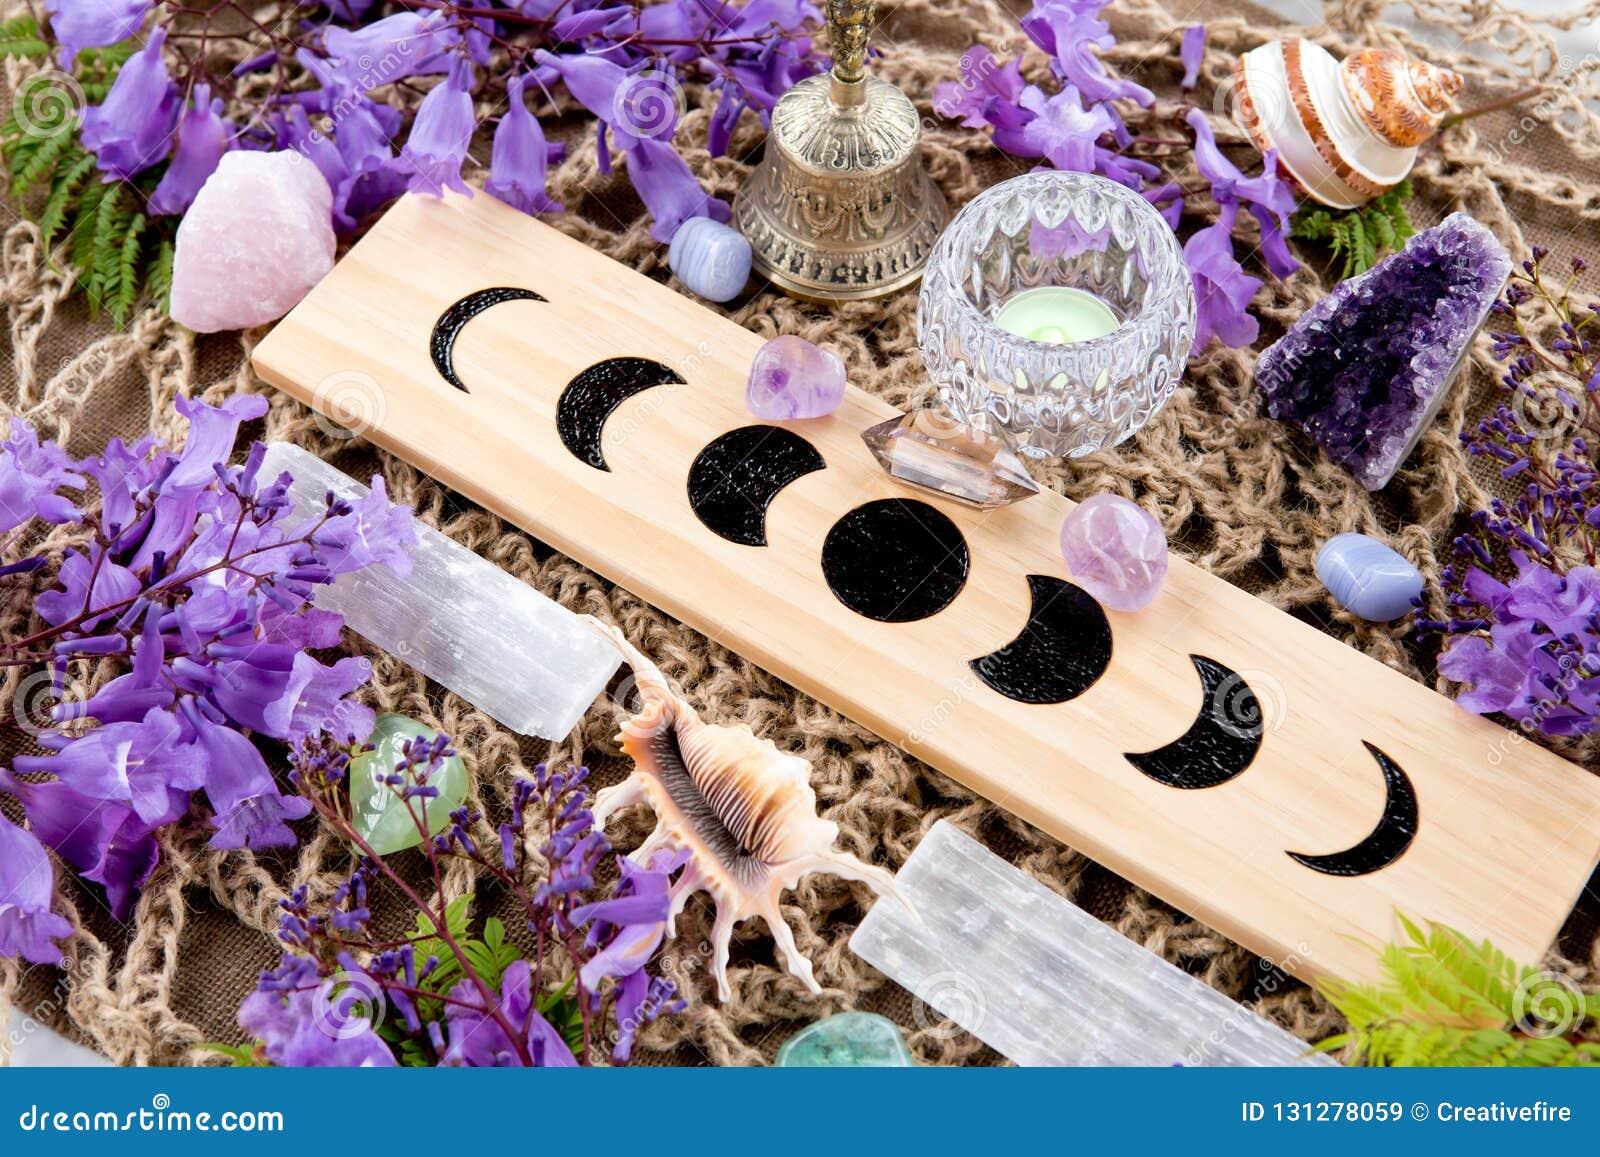 La luna pagana de la bruja organiza el altar con los cristales y las flores